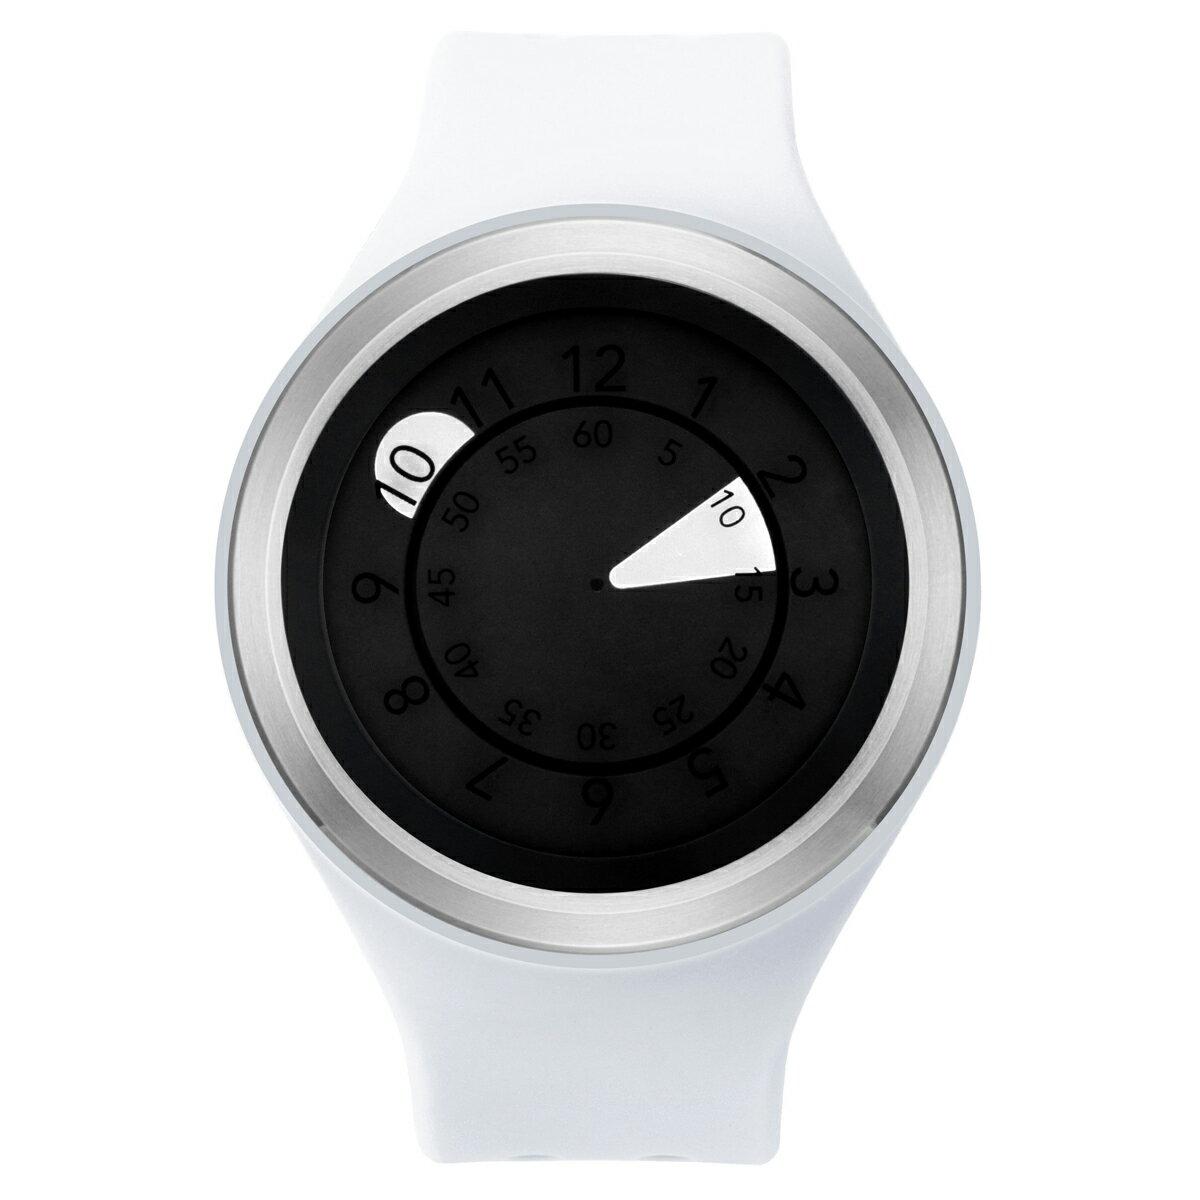 ZEROO AQUA DROP ゼロ 電池式クォーツ 腕時計 [W01201B01SR01] ホワイト デザインウォッチ ペア用 メンズ レディース ユニセックス おしゃれ時計 デザイナーズ